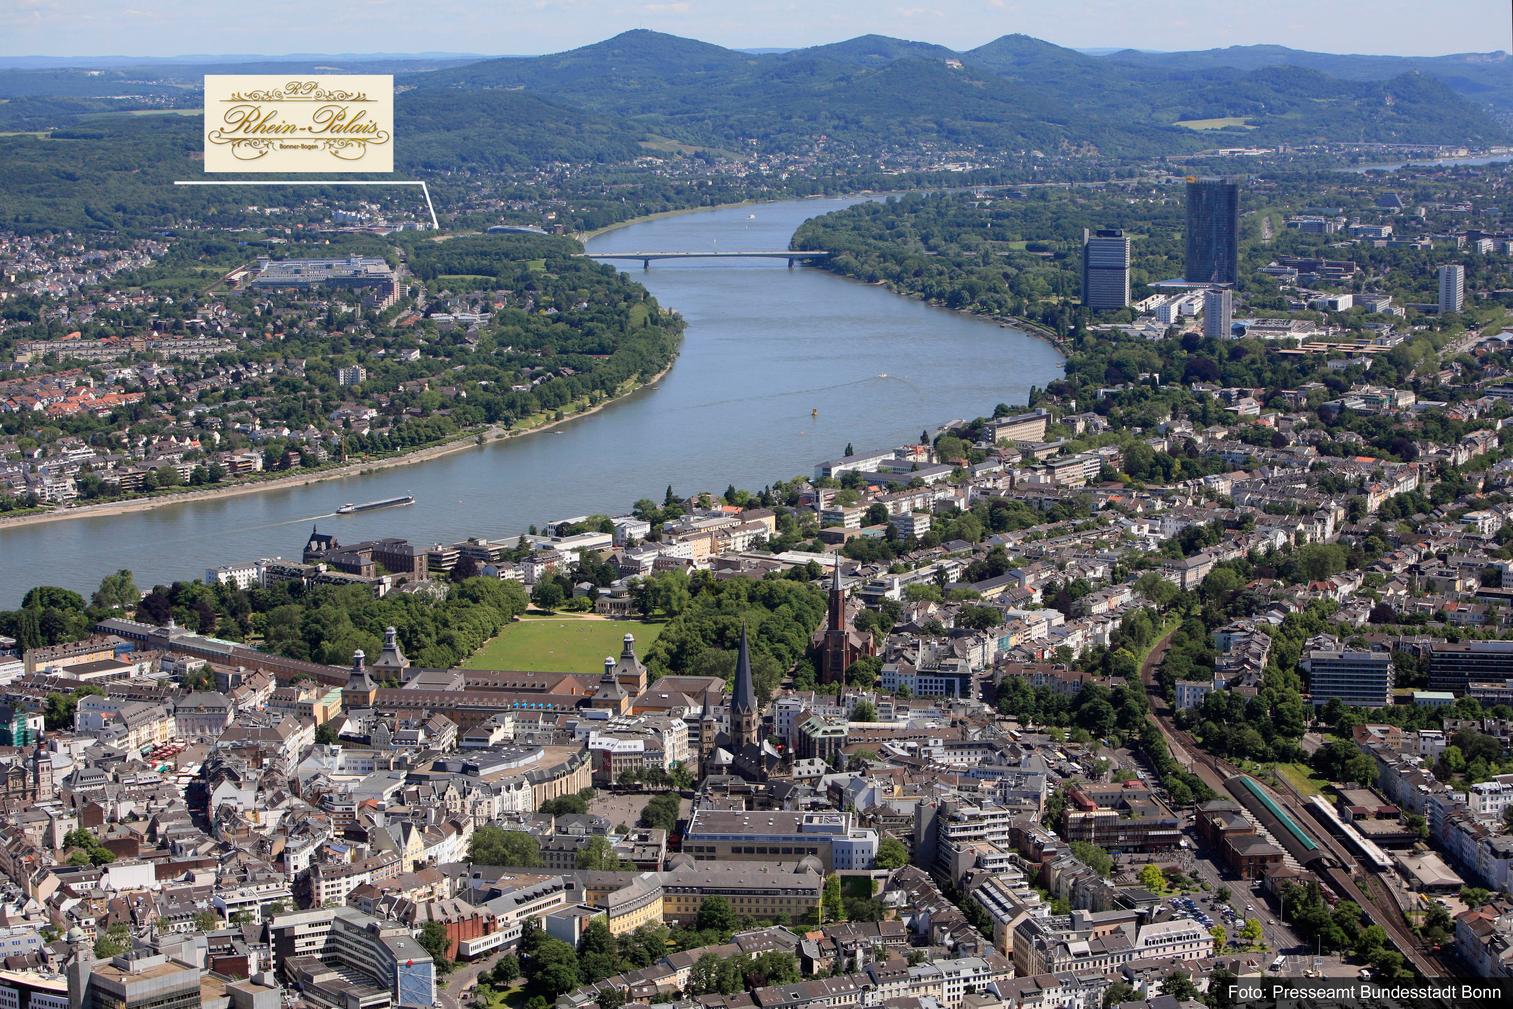 Die Bundestadt Bonn, der Rhein und das Siebengebirge